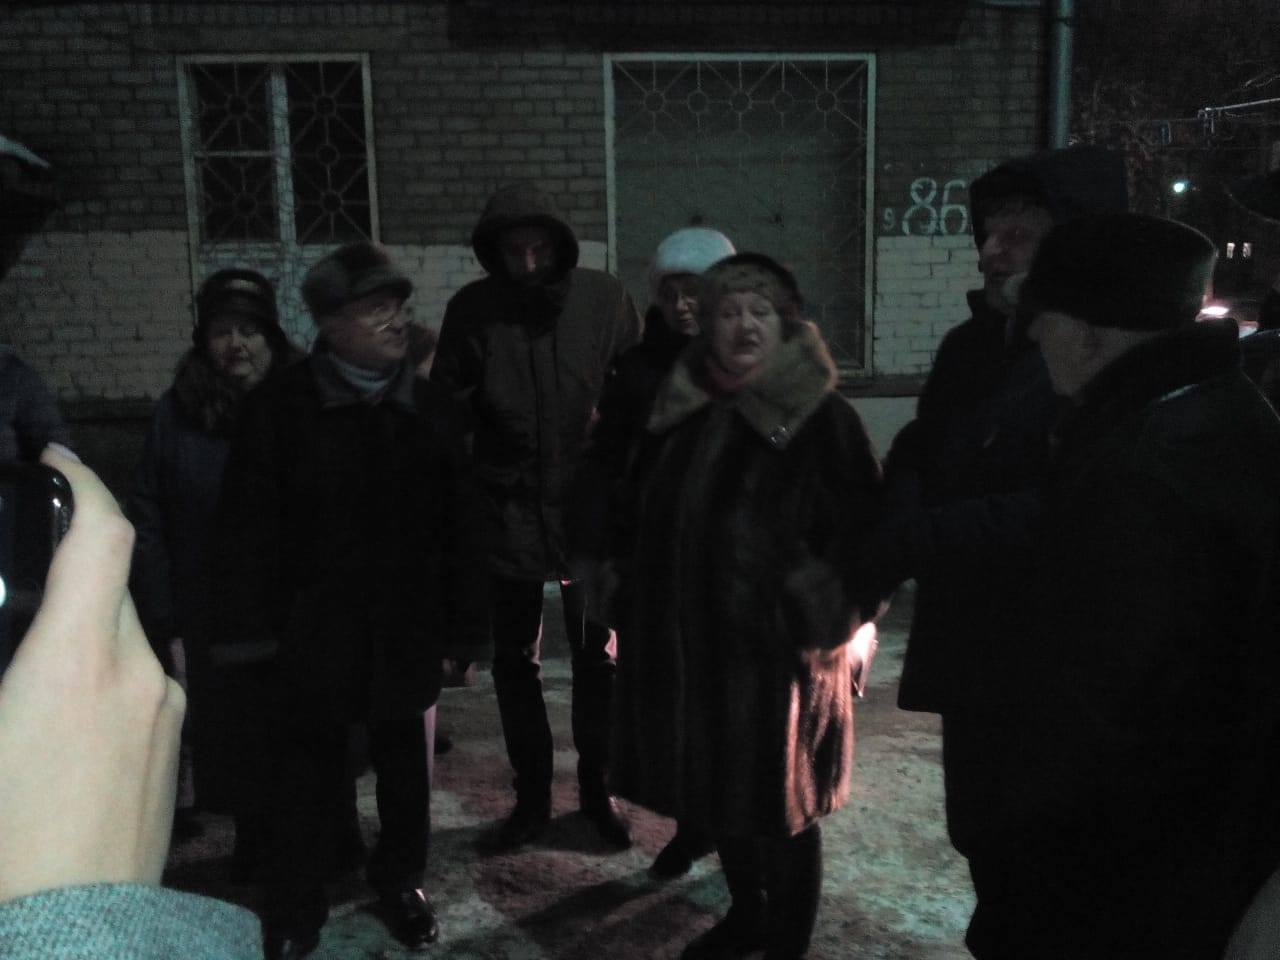 Депутаты-коммунисты встречаются с ярославцами